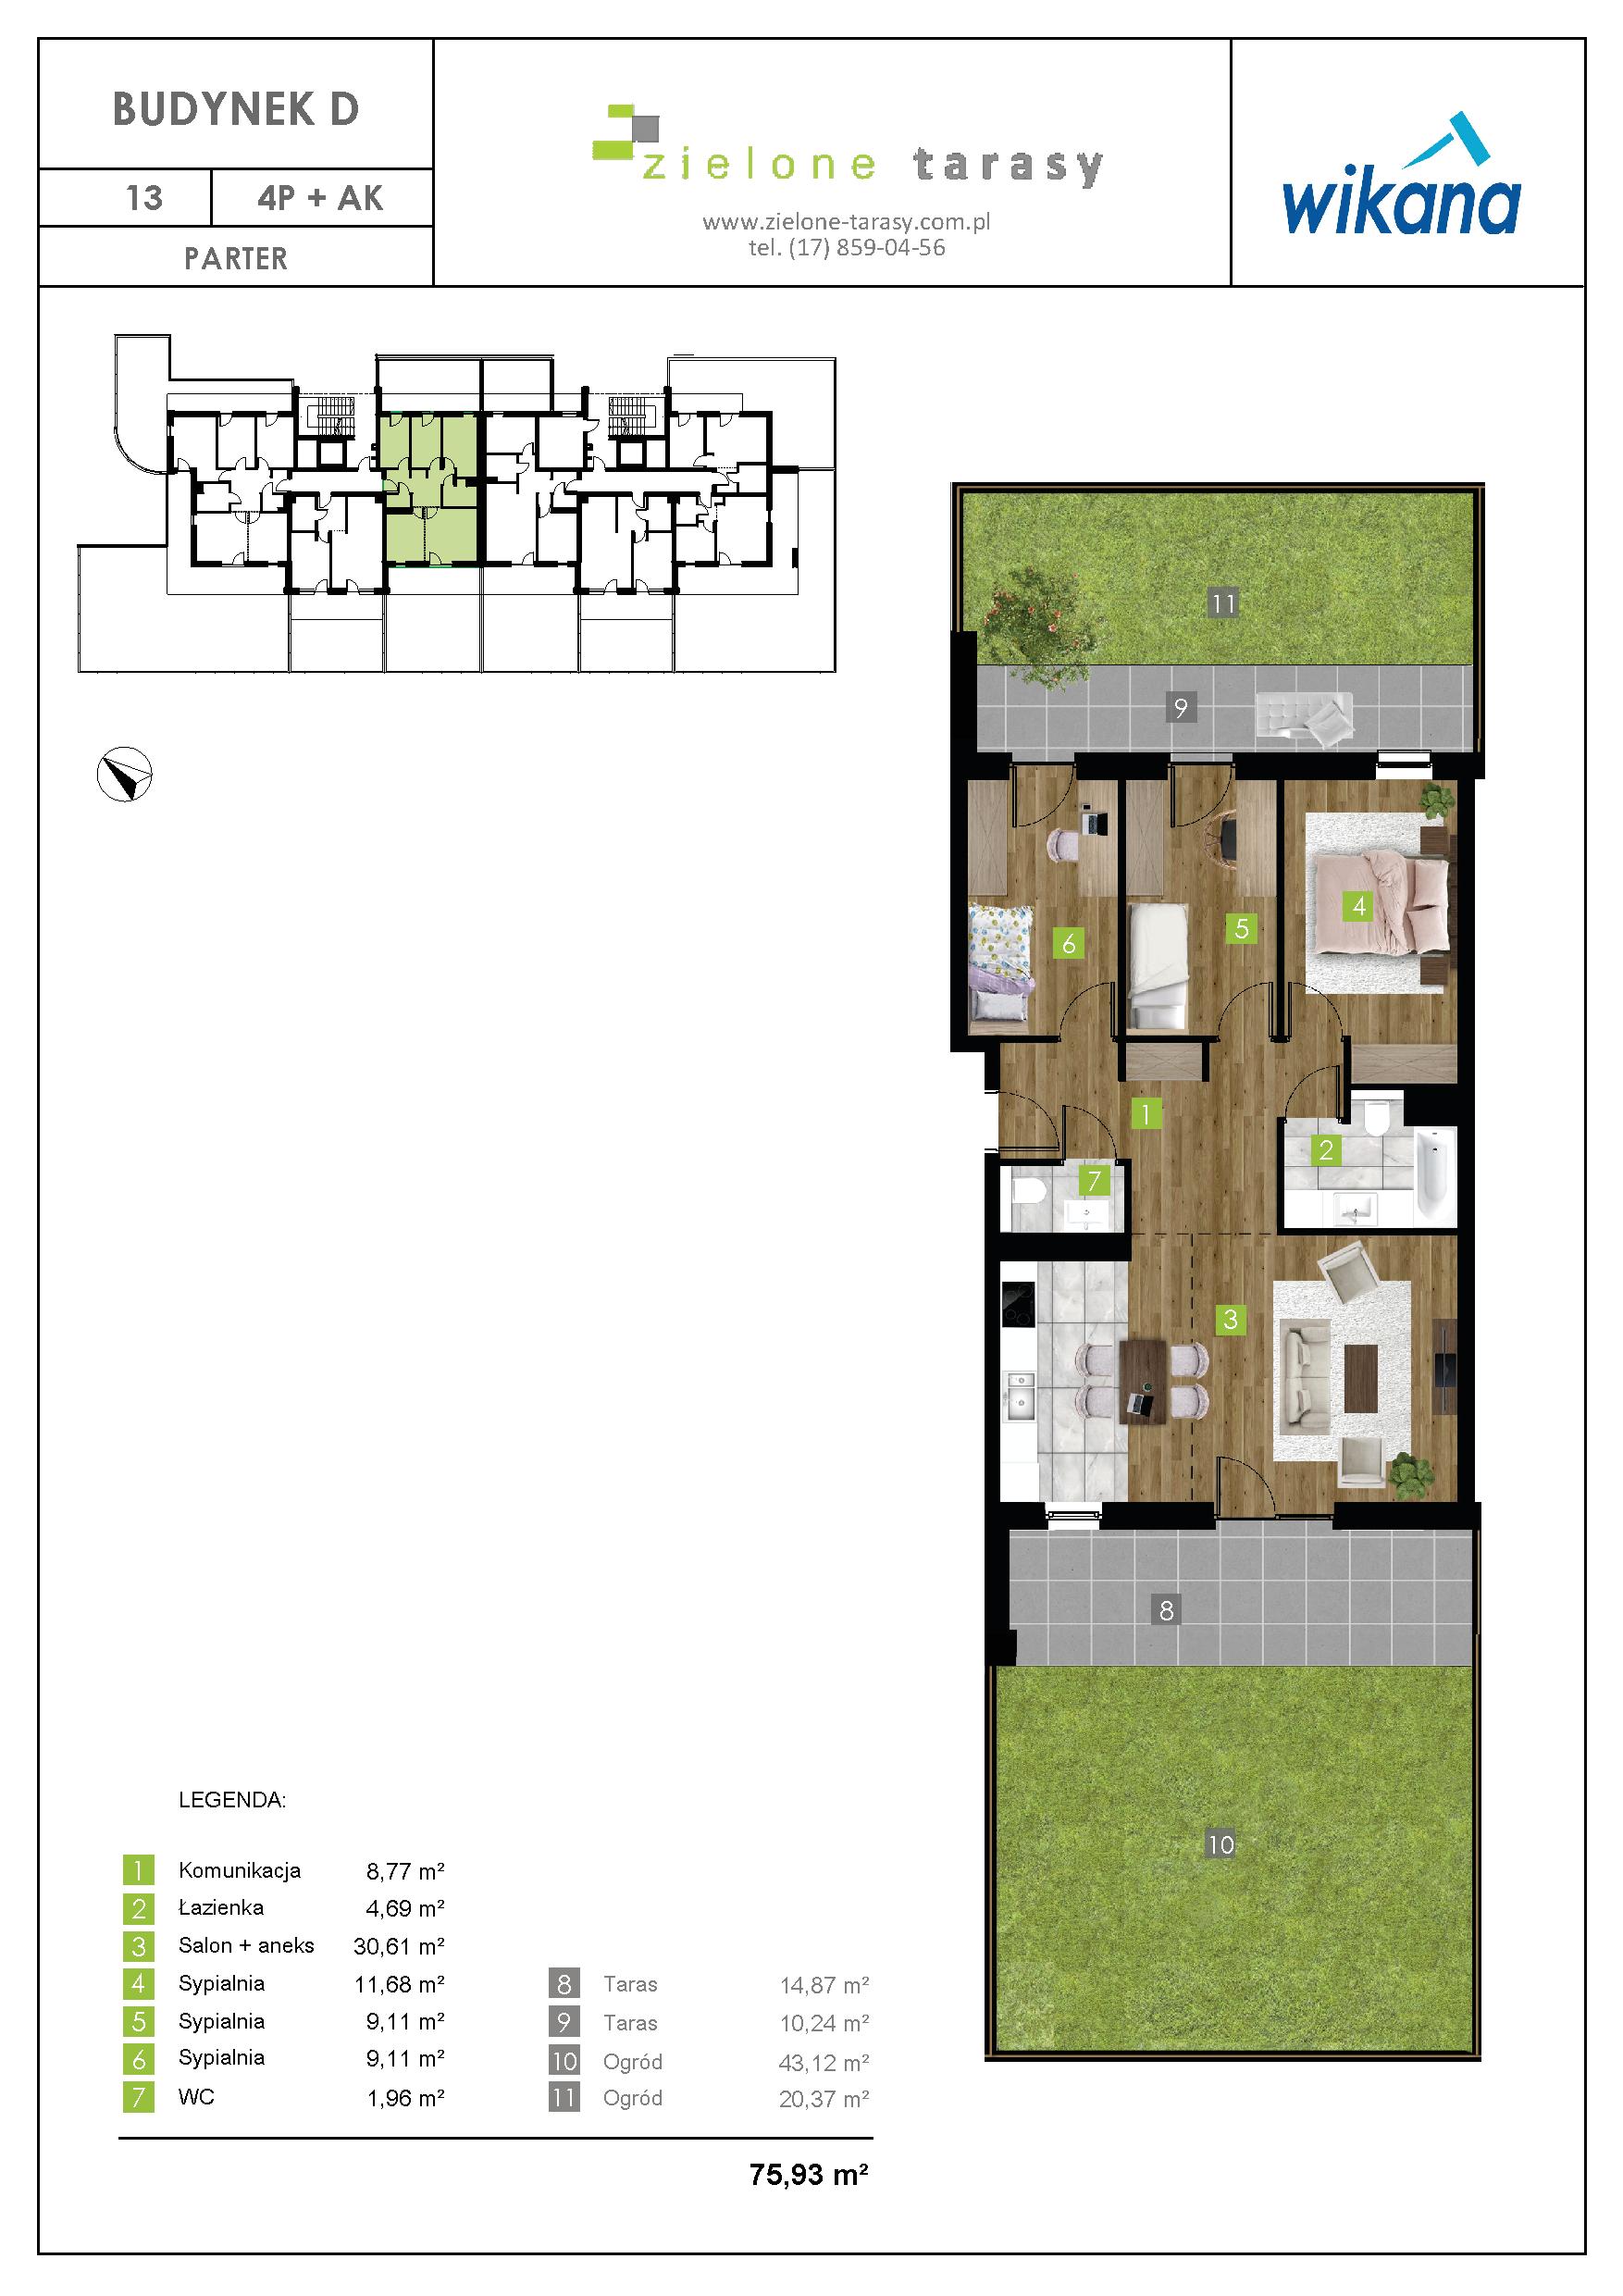 sprzedaż mieszkań rzeszów - D-13